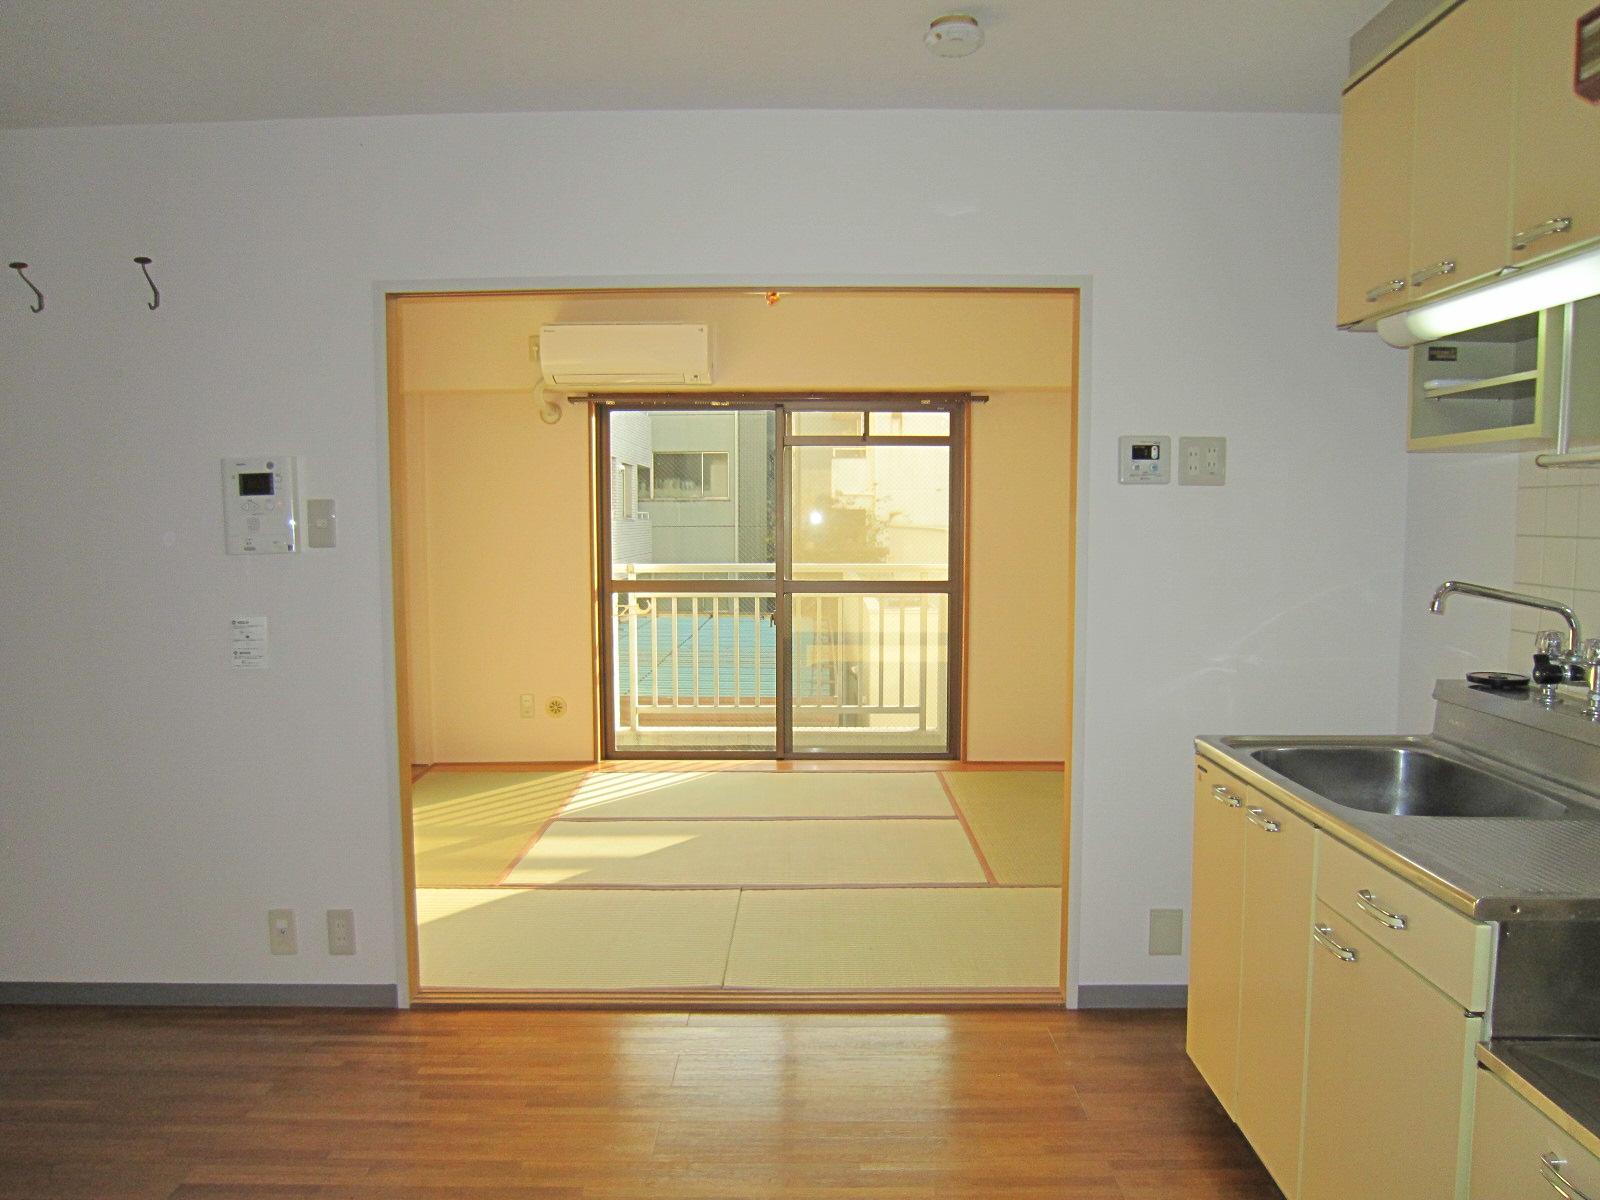 居室・リビング 玄関よりバルコニー方面(仕切り戸は外してあります)